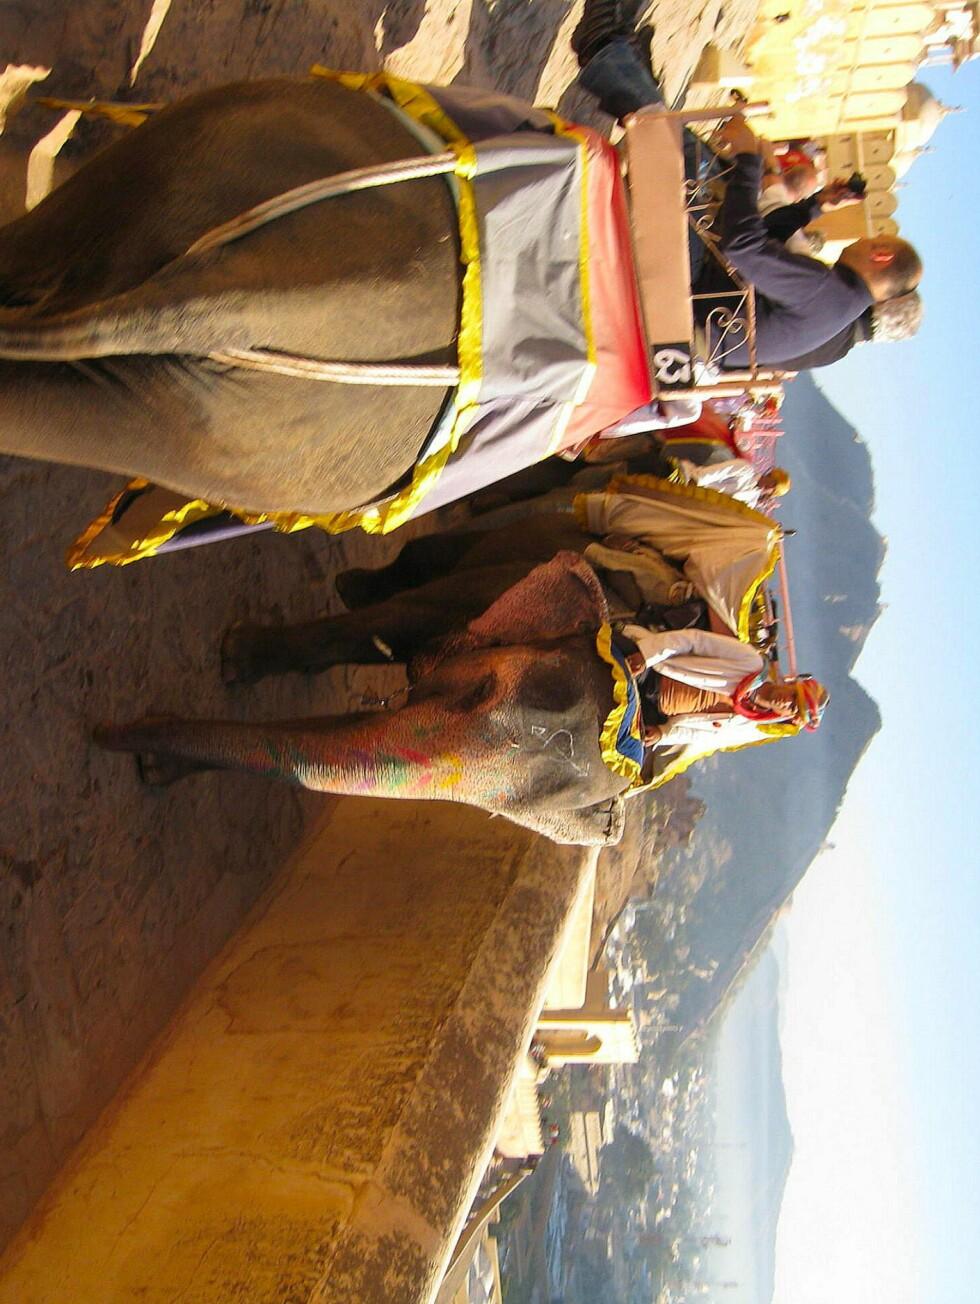 Nesten alle turister rir på elefanter opp dne bratte veien til Amer Fort. Veldig turistifisert, men moro, likevel. Foto: Stine Okkelmo